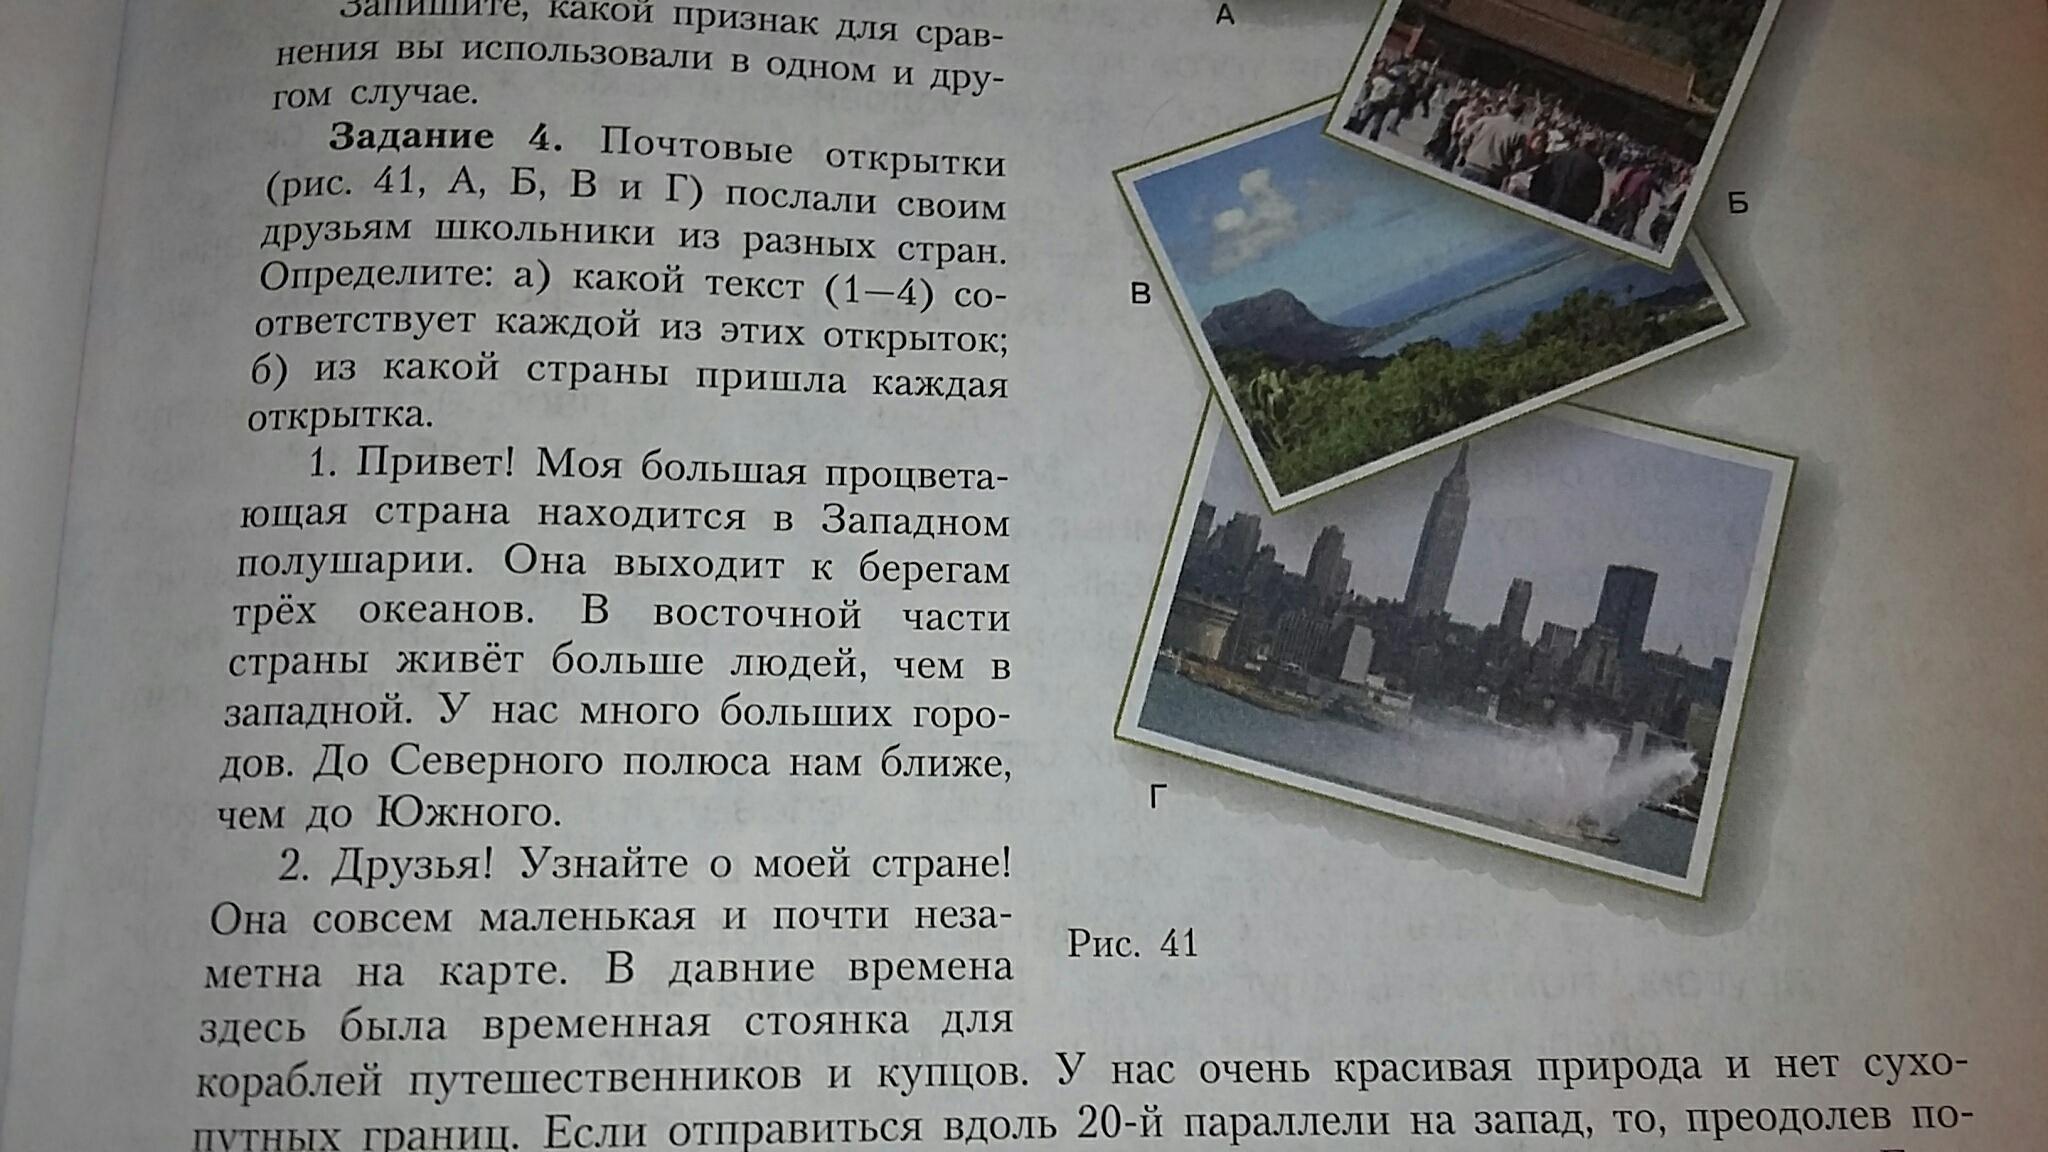 Картинки привет, почтовые открытки послали своим друзьям школьники из разных стран определите